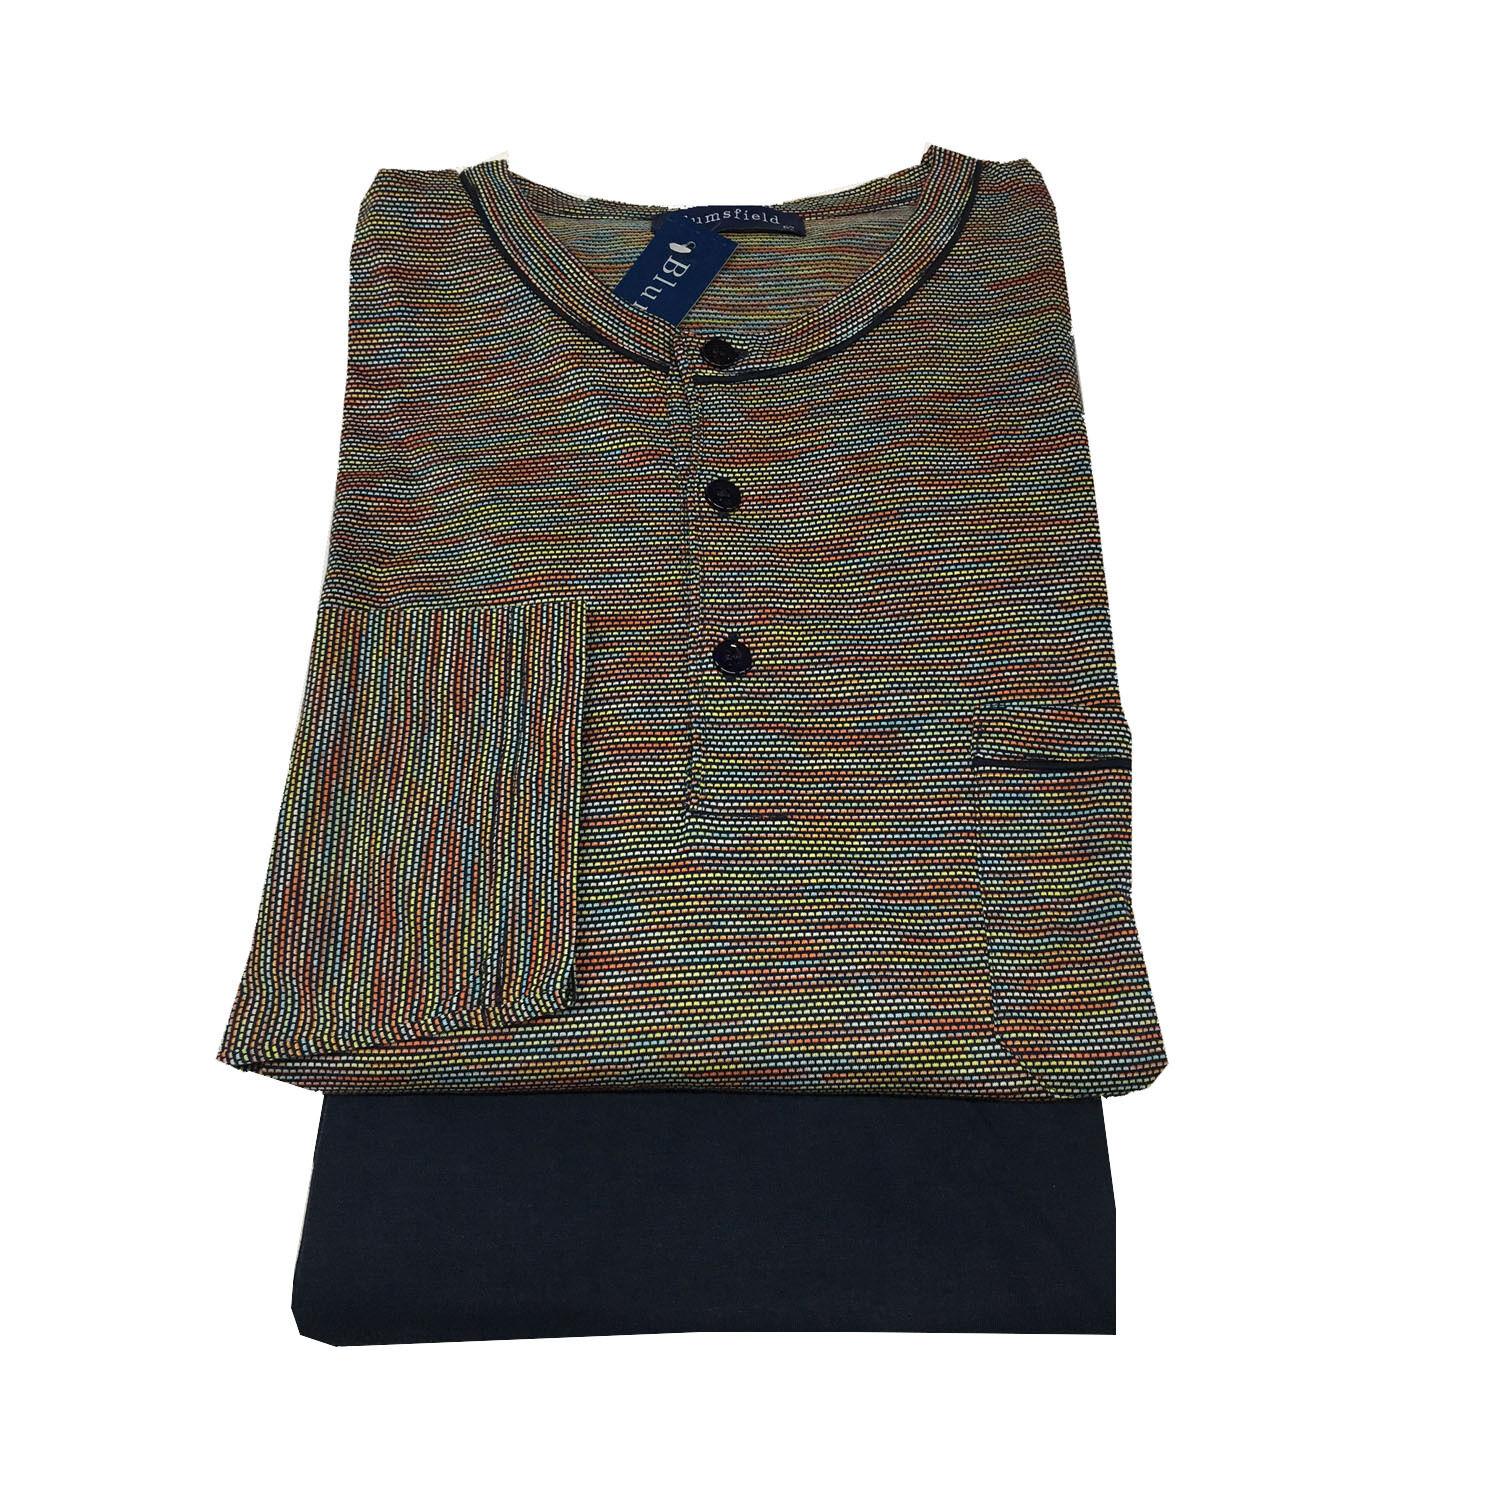 azulmsfield Pijama de Hombre Largo  MultiColor + Jadear Azul 100% Algodón  en linea